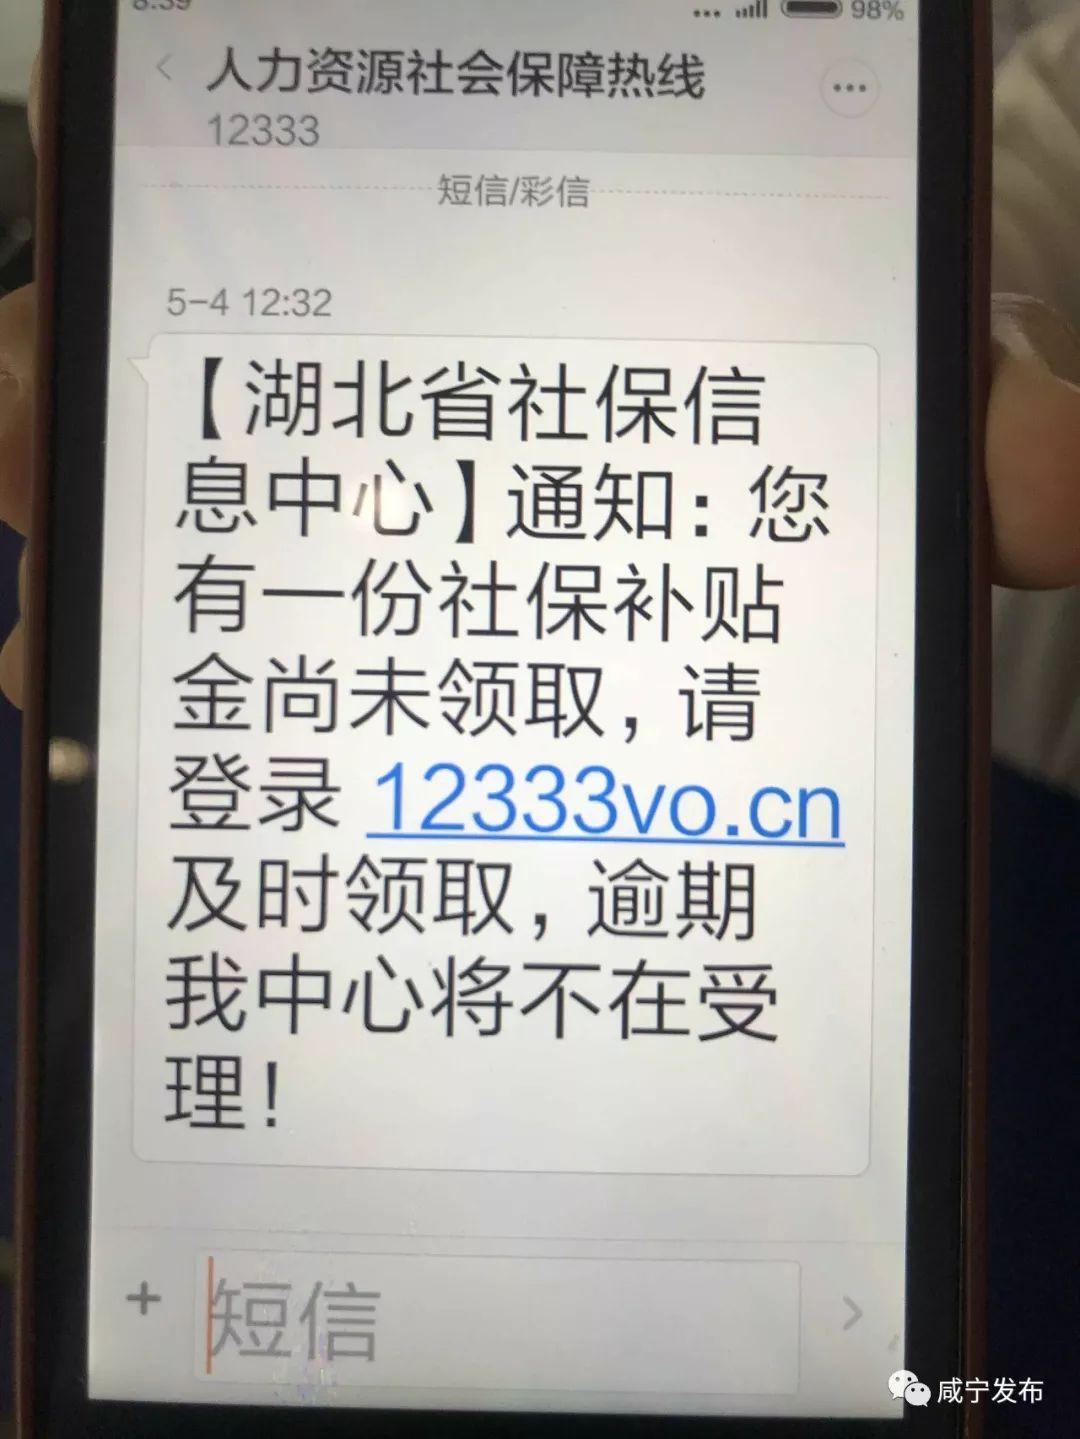 【扩散】紧急通知!咸宁人收到这个信息千万别点,小心出大事!